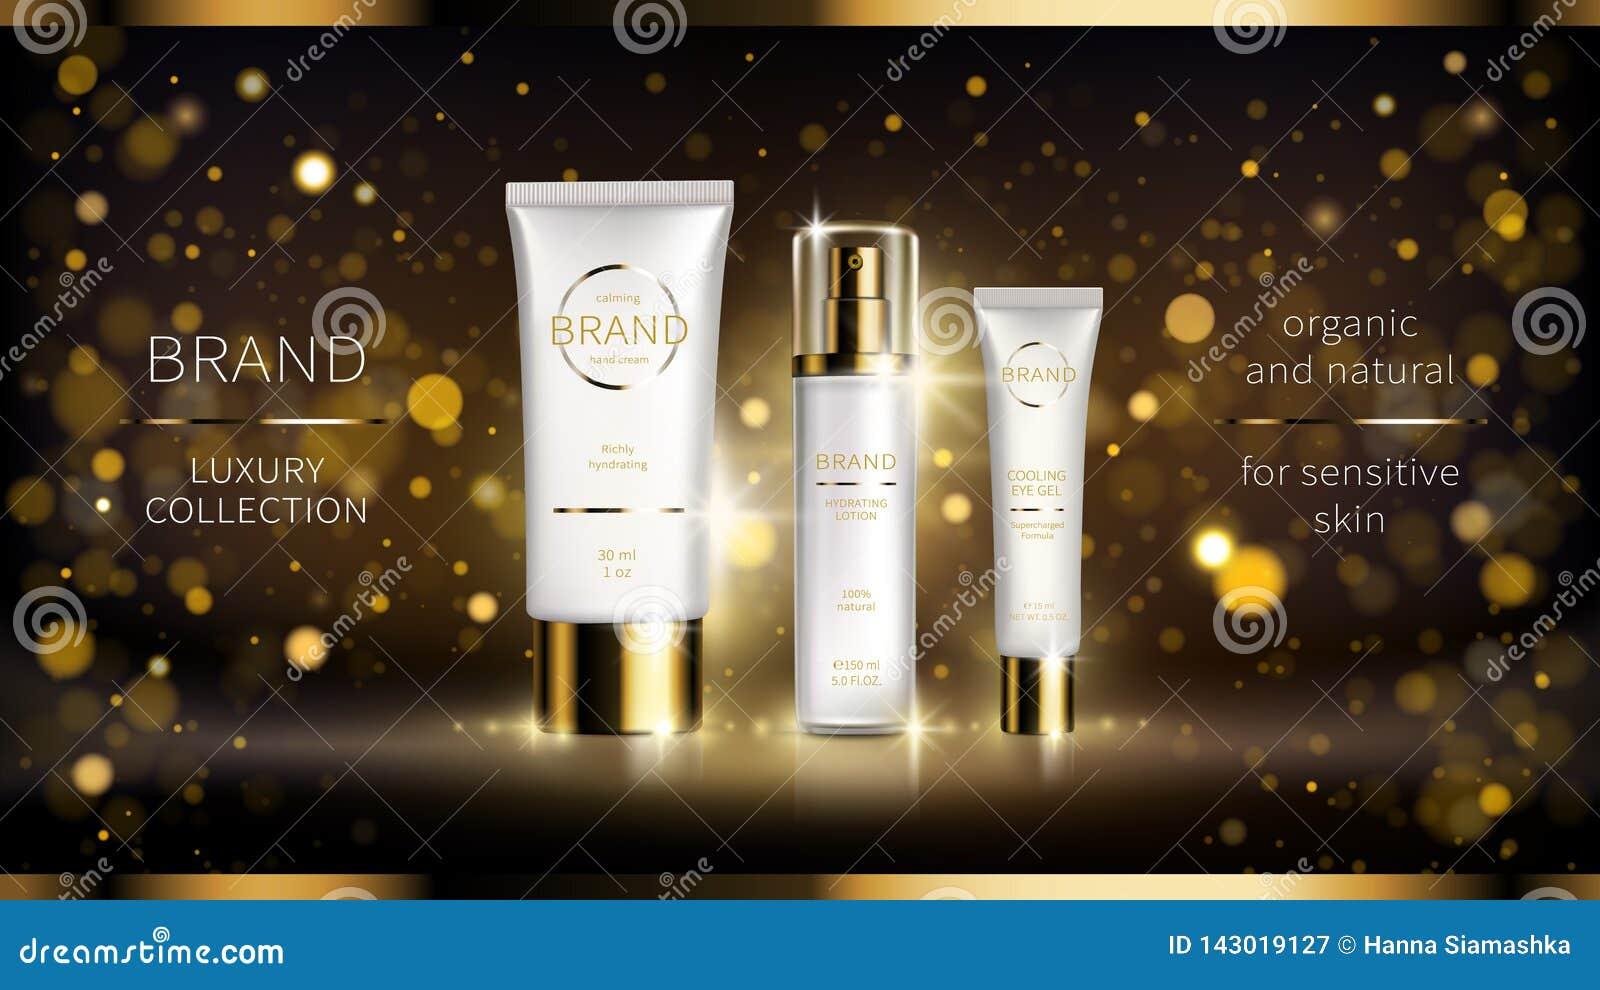 Noche que revitaliza intensivo serie cosmética